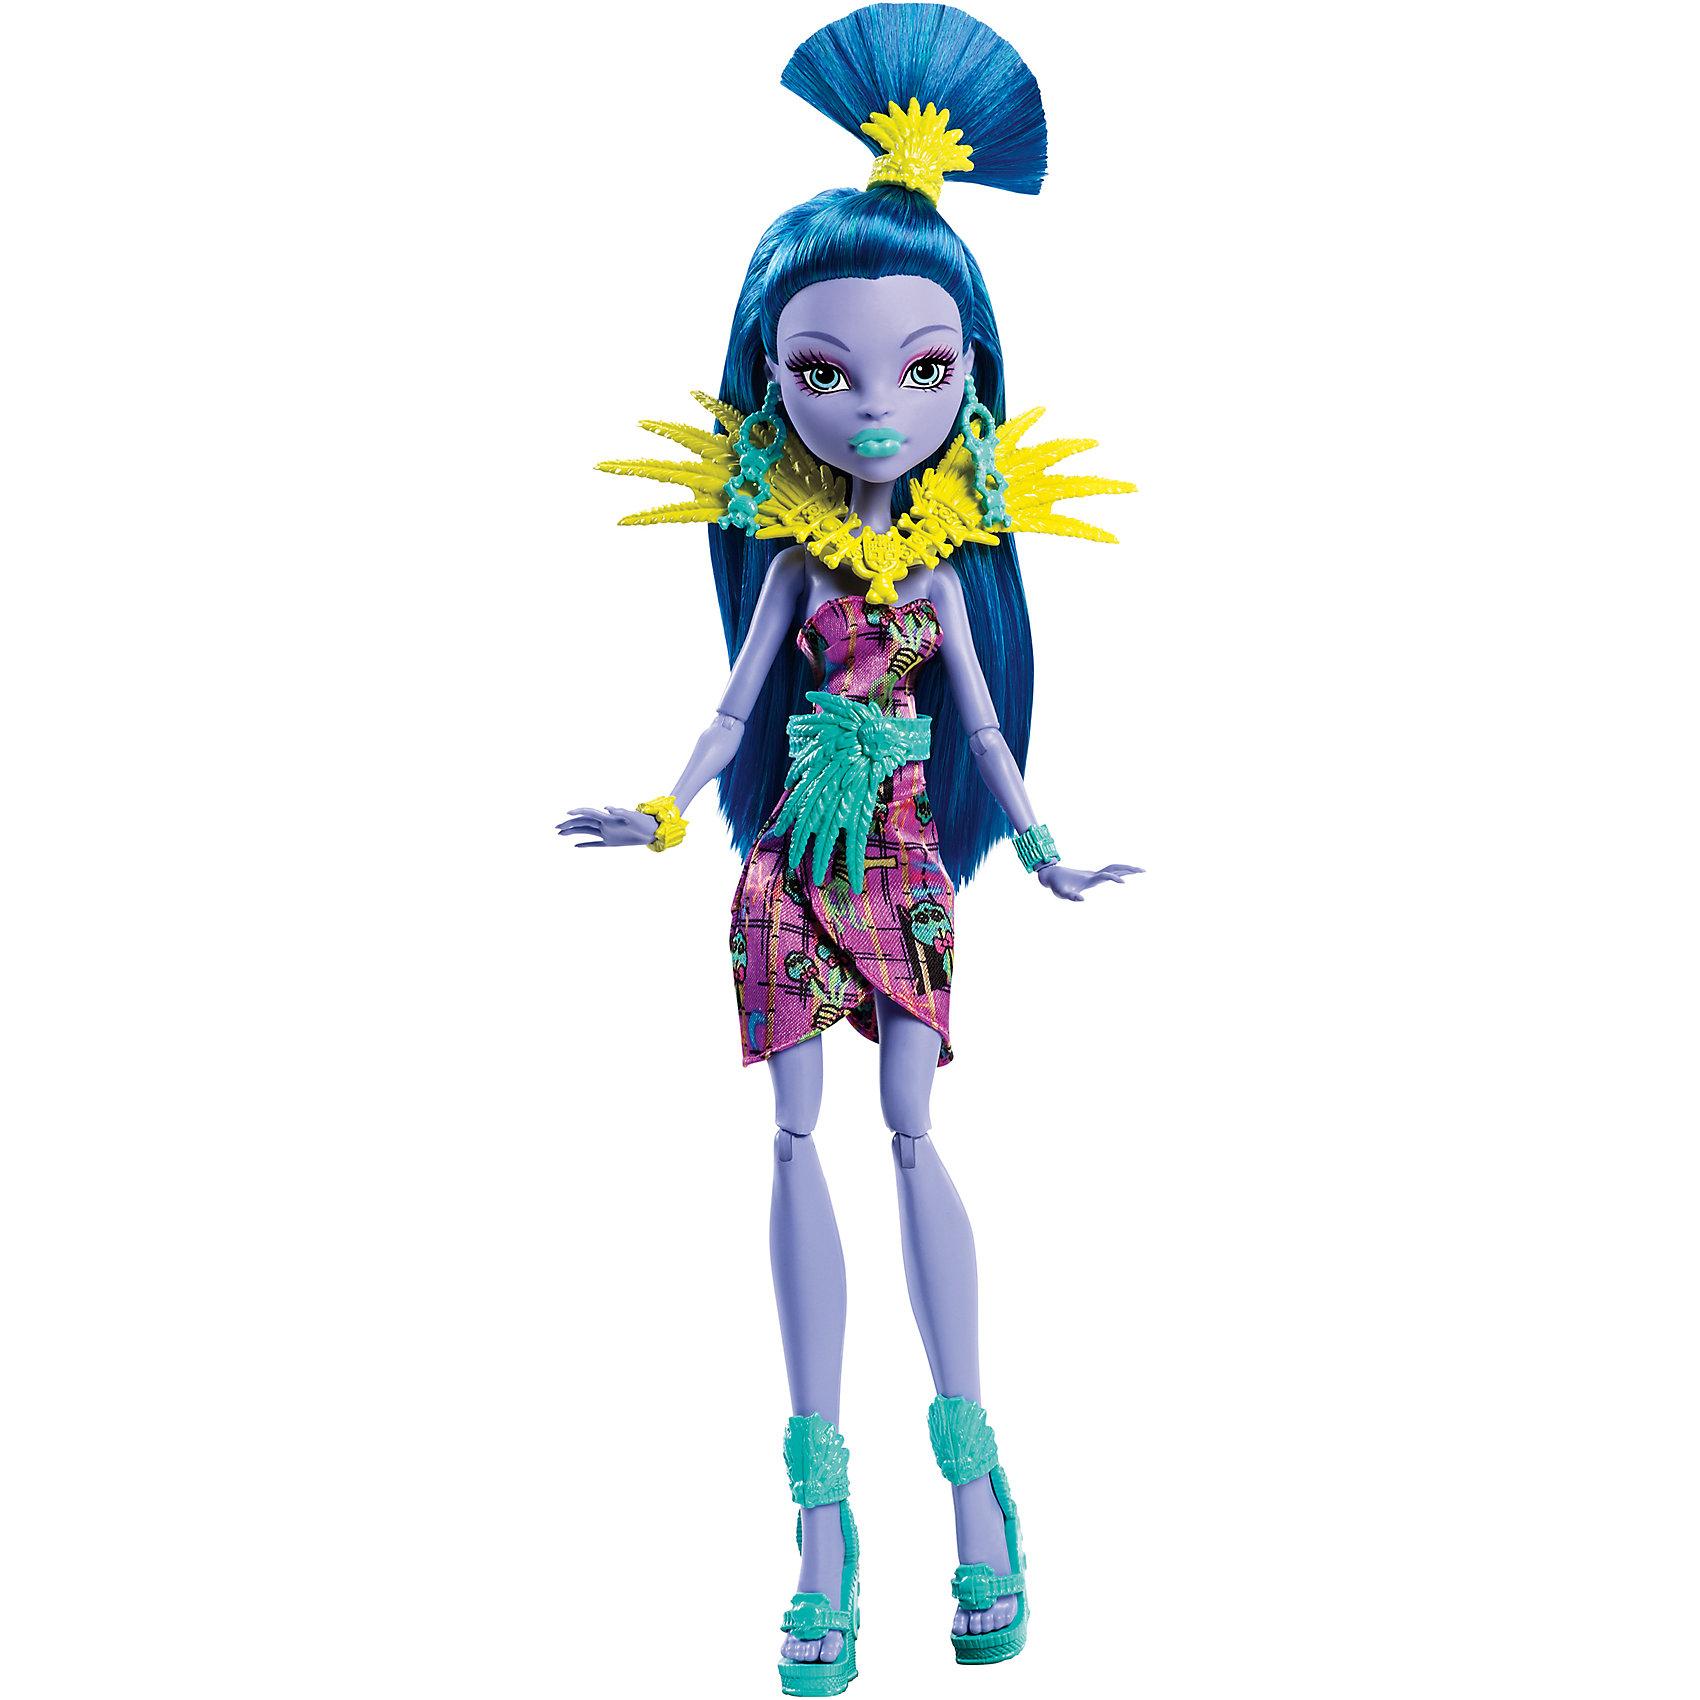 Кукла Монстрические каникулы, Monster HighПопулярные игрушки<br>Отправляйся на каникулы с Джейн Булитл из Школы монстров, которая принарядилась для хищного туризма и диких пляжей! Кукла одета в тропическом стиле. Подвижные плечи, локти и колени позволят ей разыгрывать напряженные сюжеты. Джейн Булитл, приемная дочь доктора Дулитла, ее наряд с узором из фирменных черепов, с воротничком-ожерельем со стилизованными листьями, в драгоценностях, выглядит убийственно-стильно. Образ дополняют миниатюрные туфельки и украшение для волос. Длинные локоны куклы покрашены в глубокий синий цвет, из них получится множество оригинальных причесок. <br><br>Дополнительная информация:<br><br>- Материал: пластик.<br>- Высота: 30 см.<br>- Голова, руки, ноги куклы подвижные. <br>- Комплектация: кукла в одежде и обуви, аксессуары.<br><br>Куклу Монстрические каникулы, Monster High (Монстр Хай), можно купить в нашем магазине.<br><br>Ширина мм: 65<br>Глубина мм: 150<br>Высота мм: 325<br>Вес г: 258<br>Возраст от месяцев: 72<br>Возраст до месяцев: 120<br>Пол: Женский<br>Возраст: Детский<br>SKU: 4500808